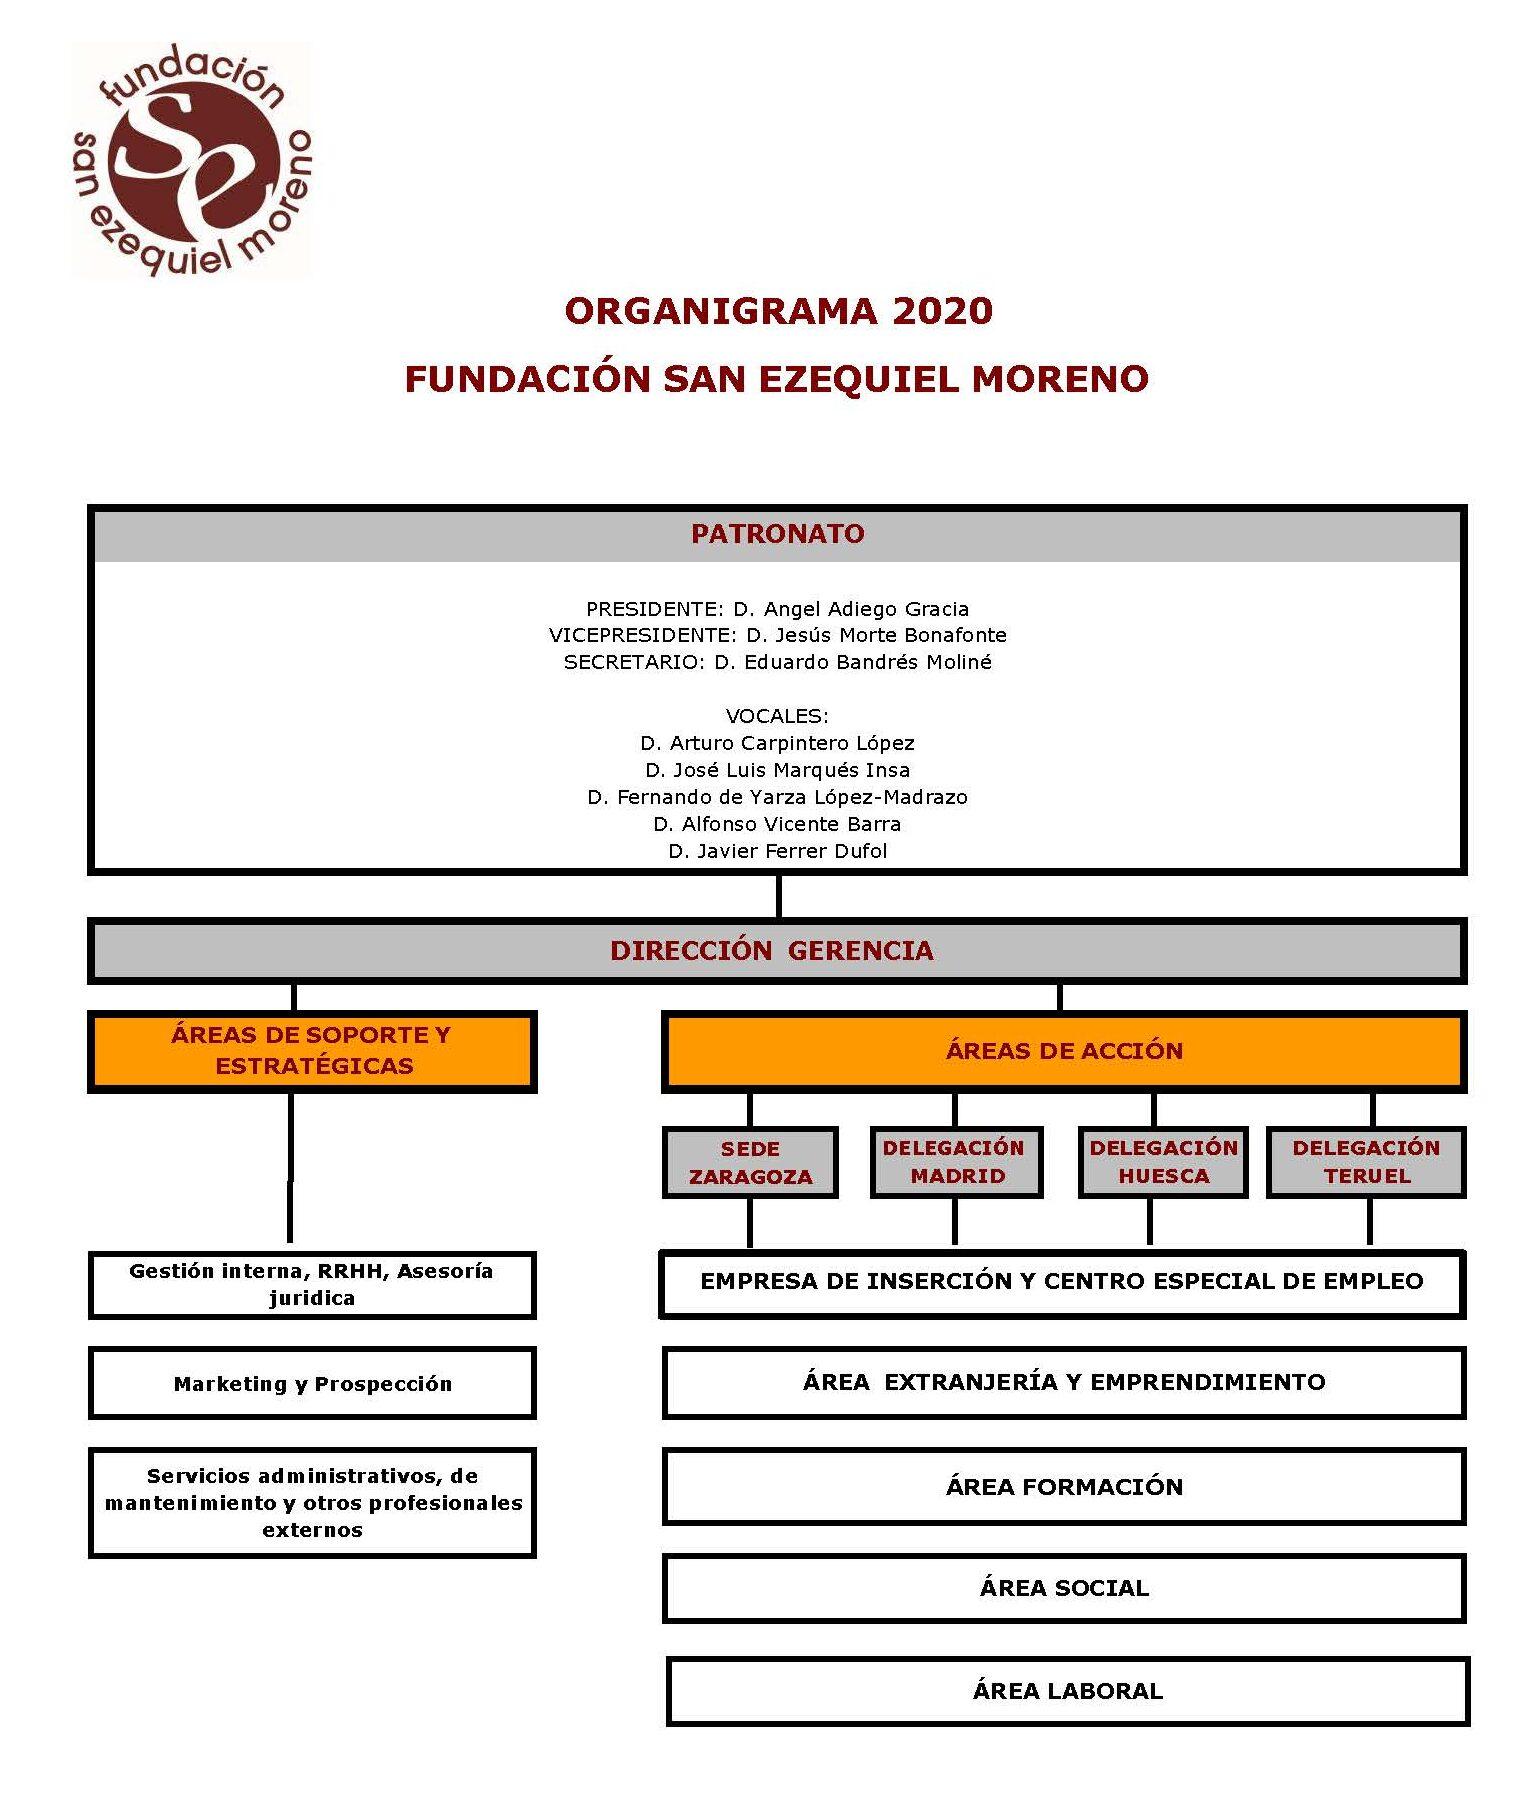 Organigrama FSEM 2020 (sin nombres)